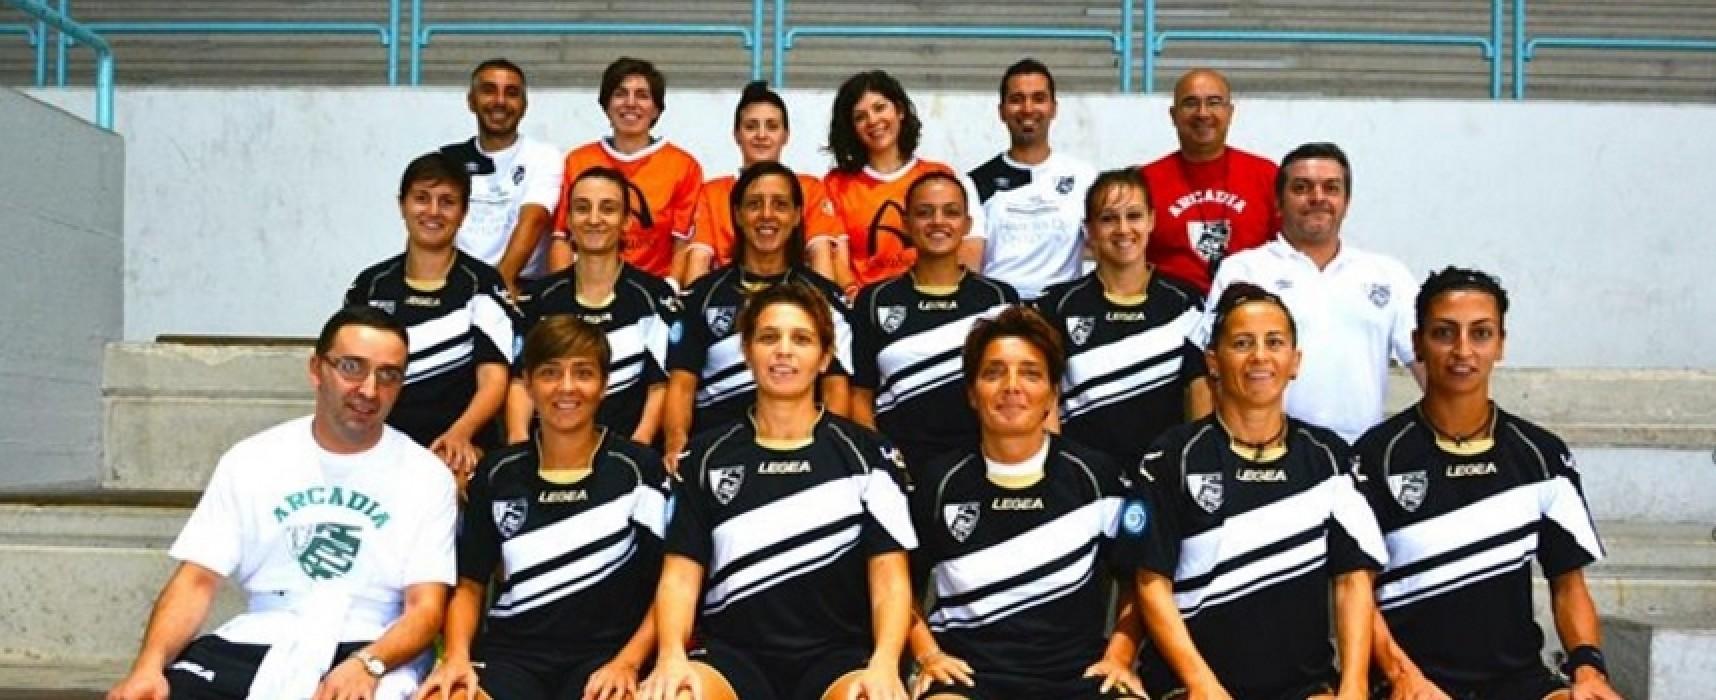 Calcio a 5: serie A Femminile, domani c'è Arcadia-Futsal P5